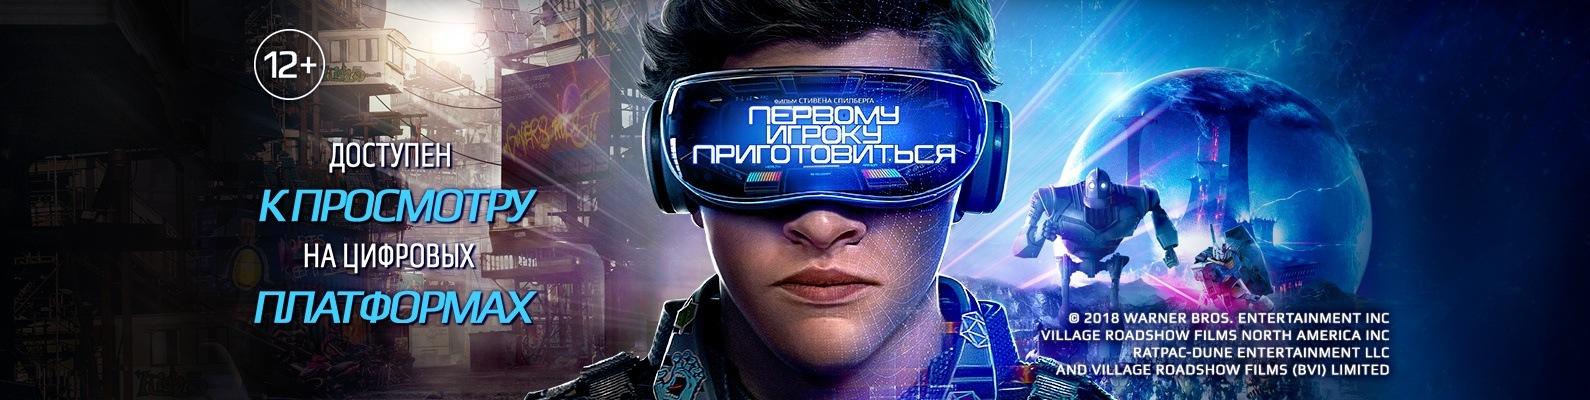 первый игрок приготовиться фильм 2019 скачать торрент